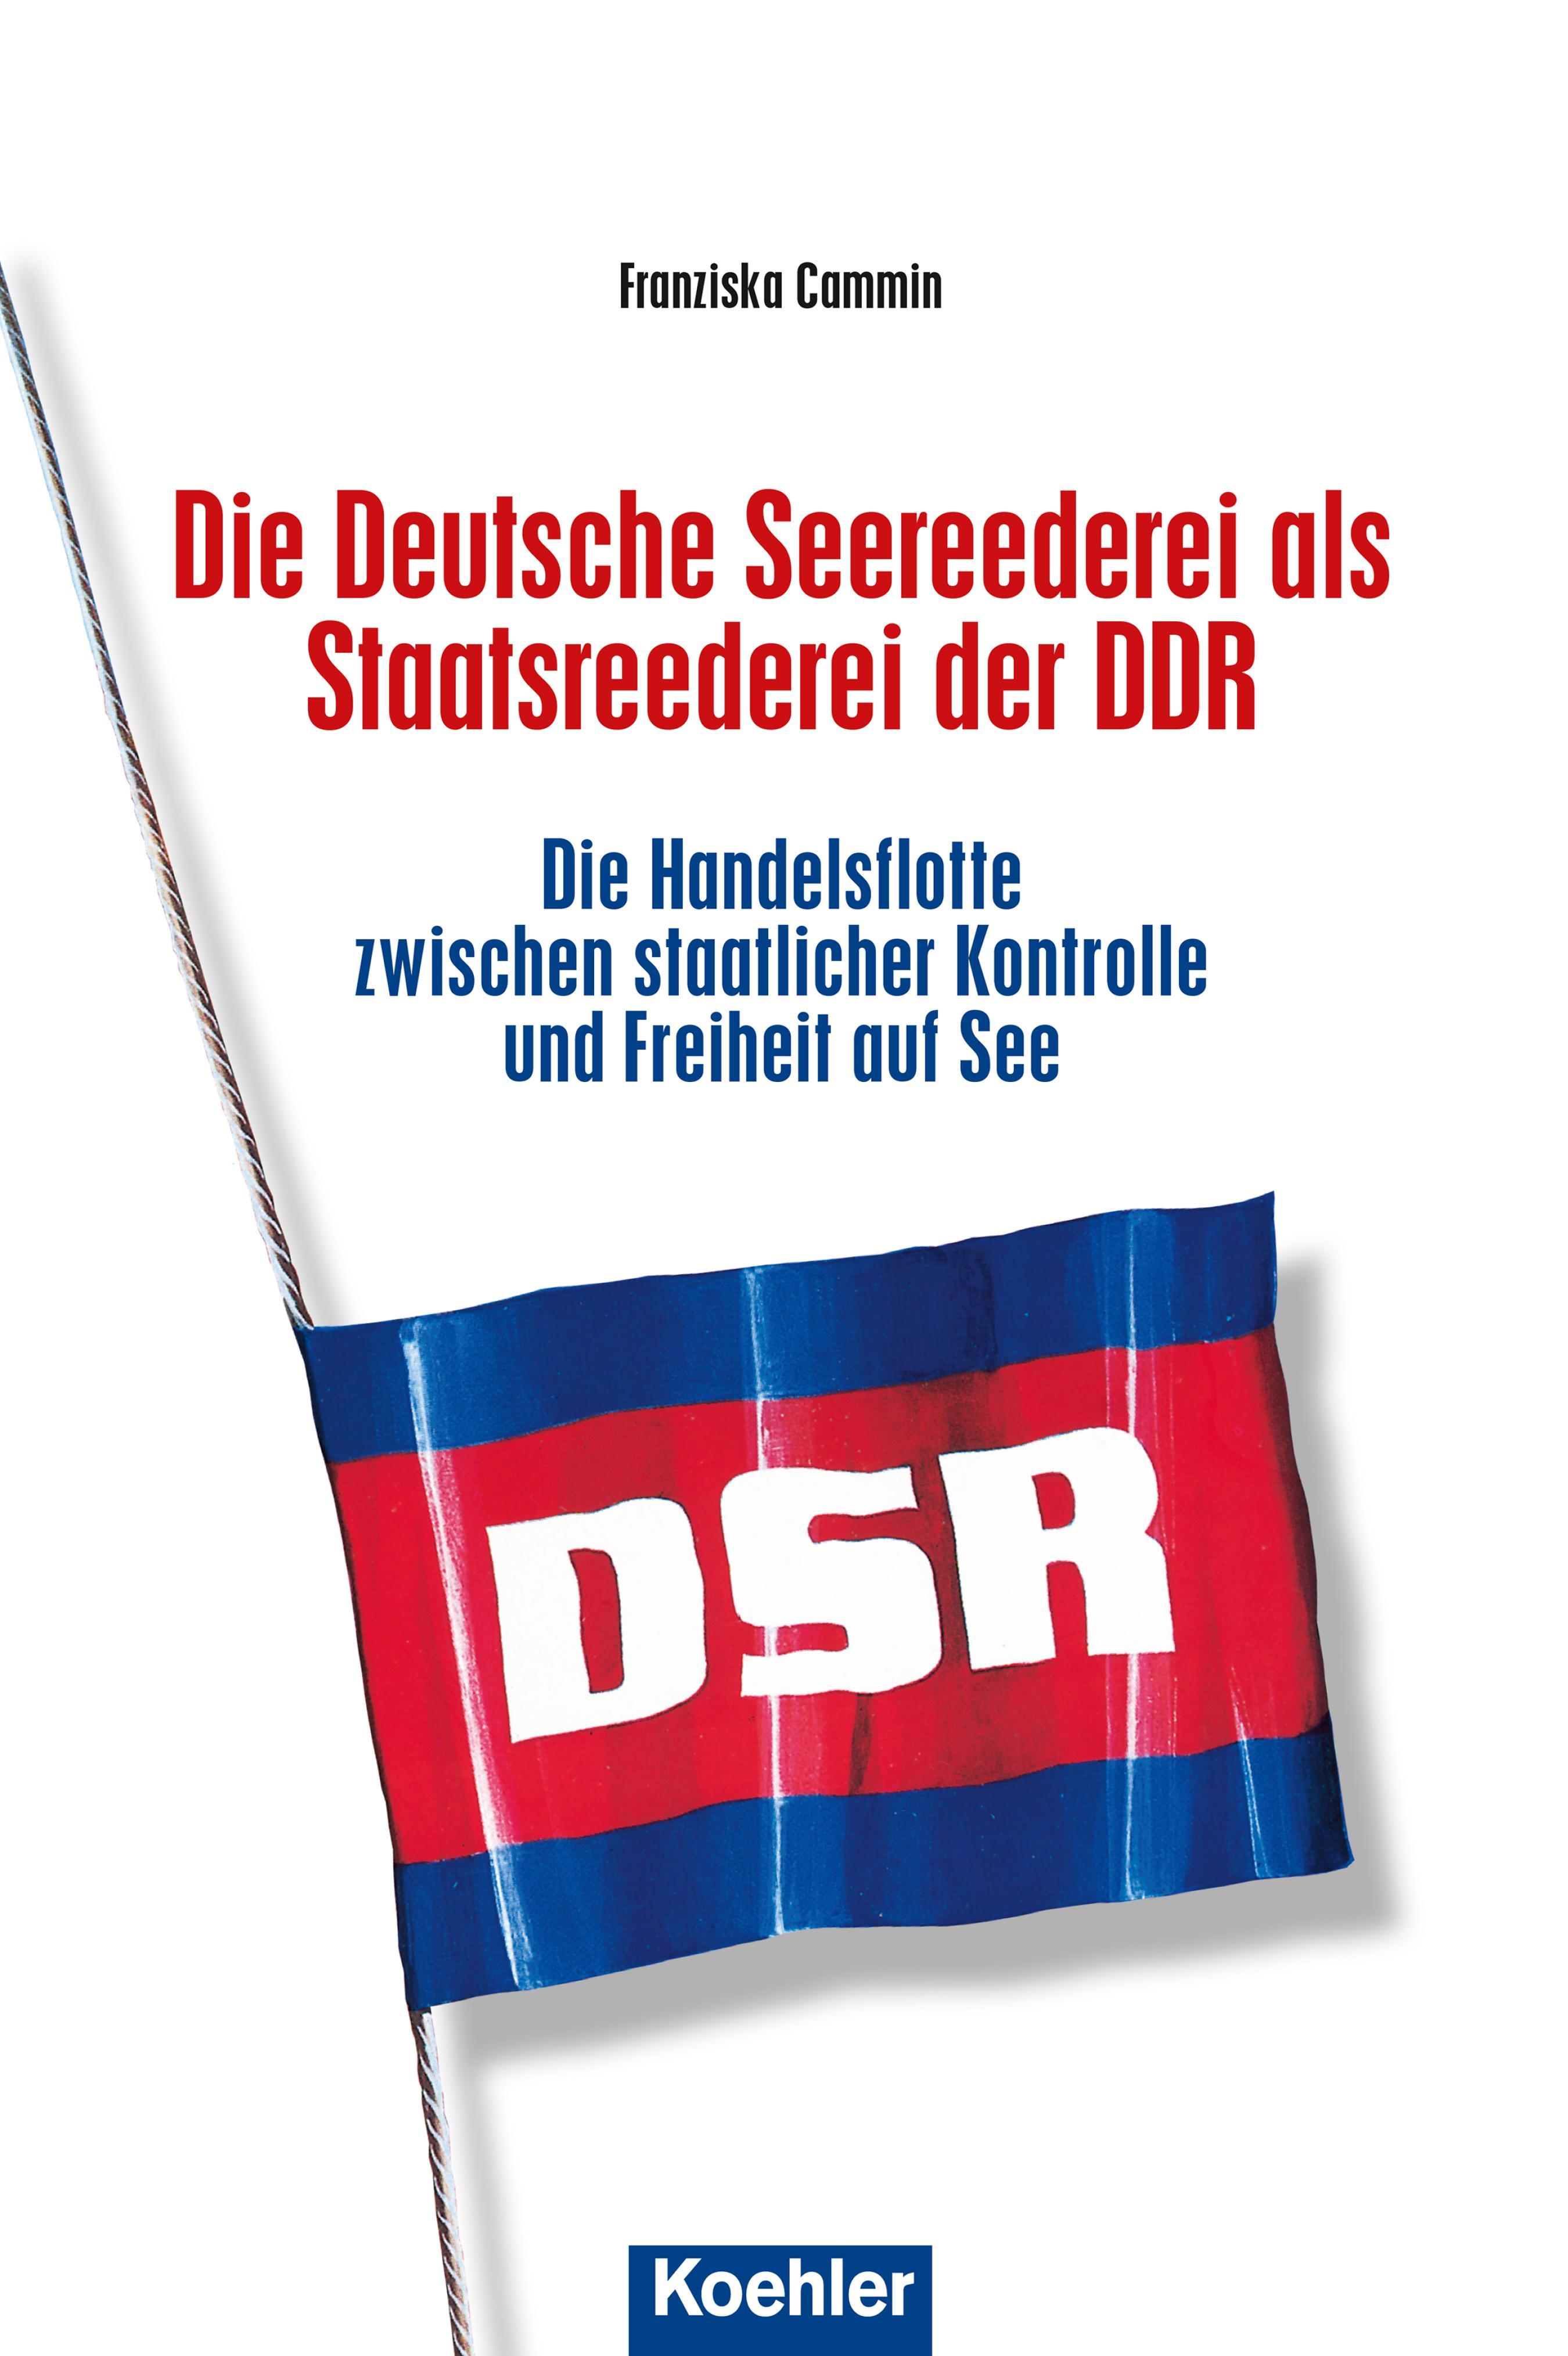 Franziska Cammin Die Deutsche Seereederei als Staatsreederei der DDR